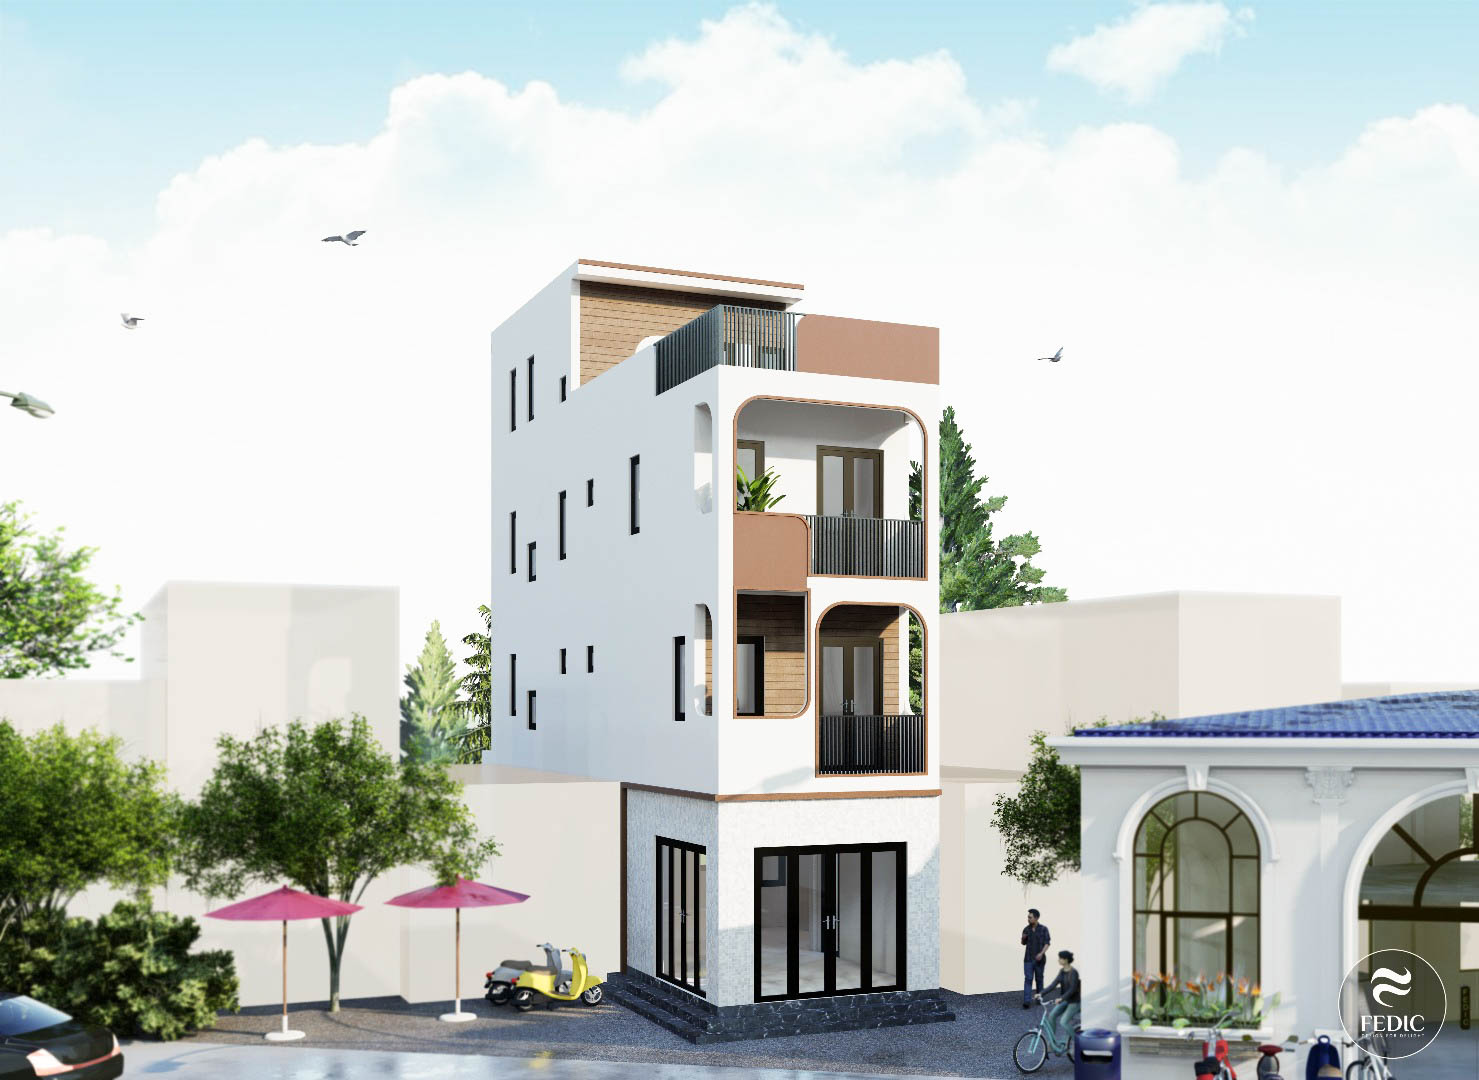 Kiến trúc nhà phố Song Hành-Fedic